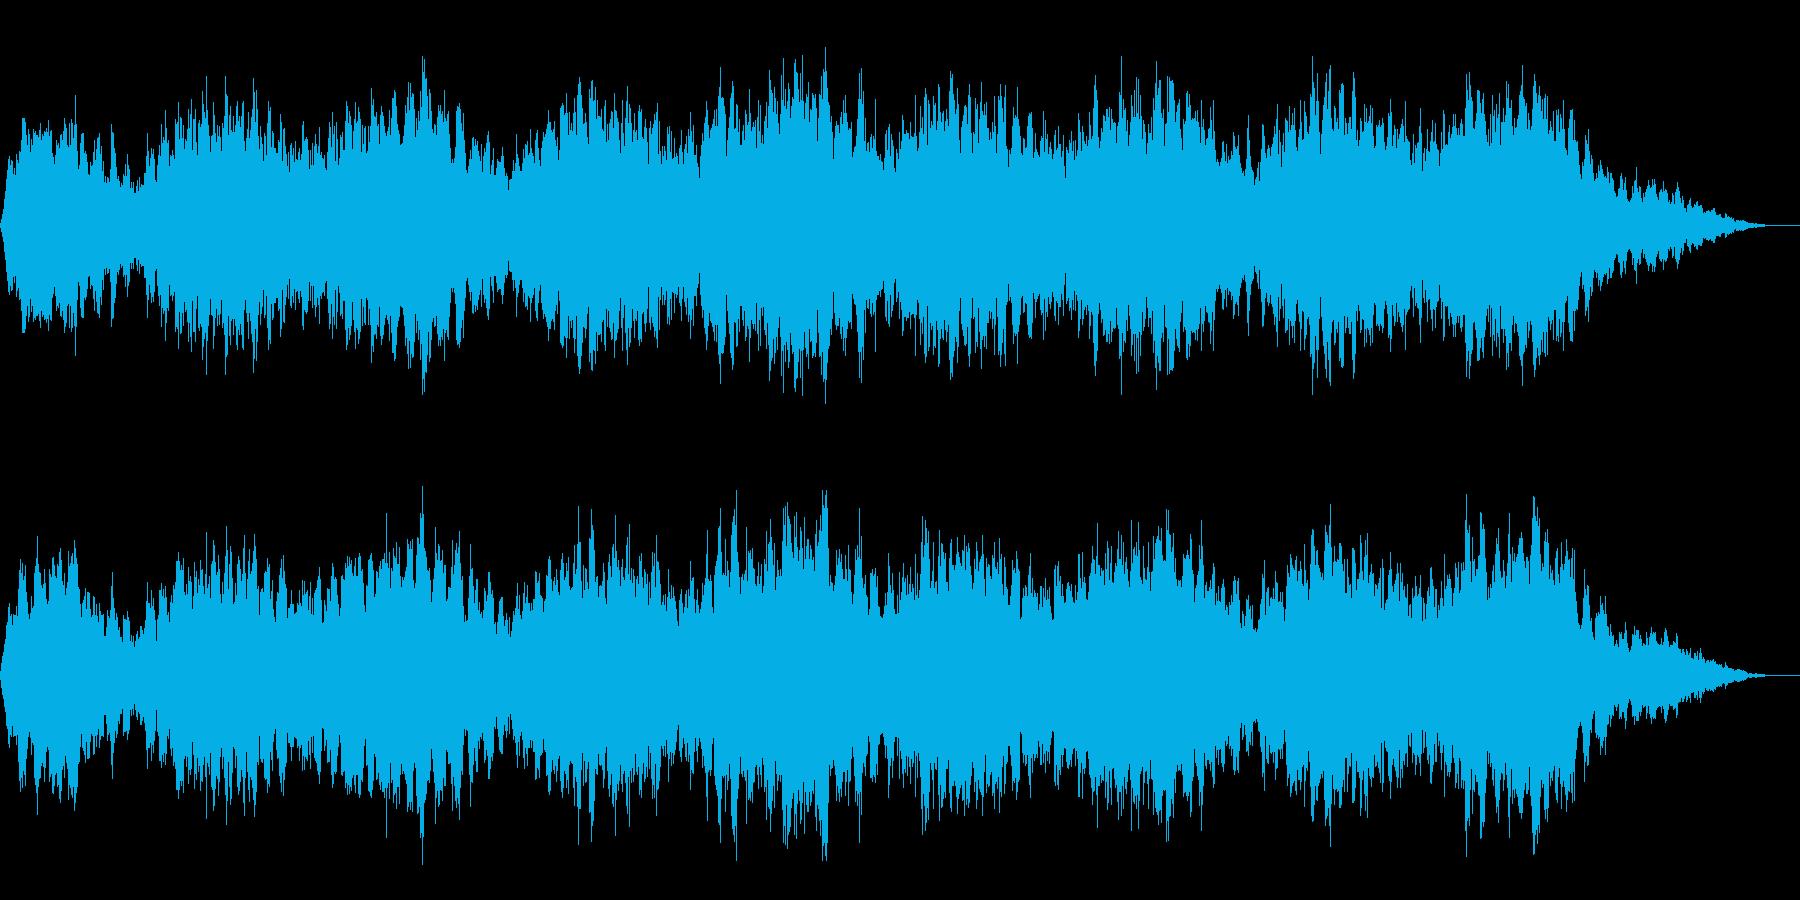 ホラーな演出に 31の再生済みの波形